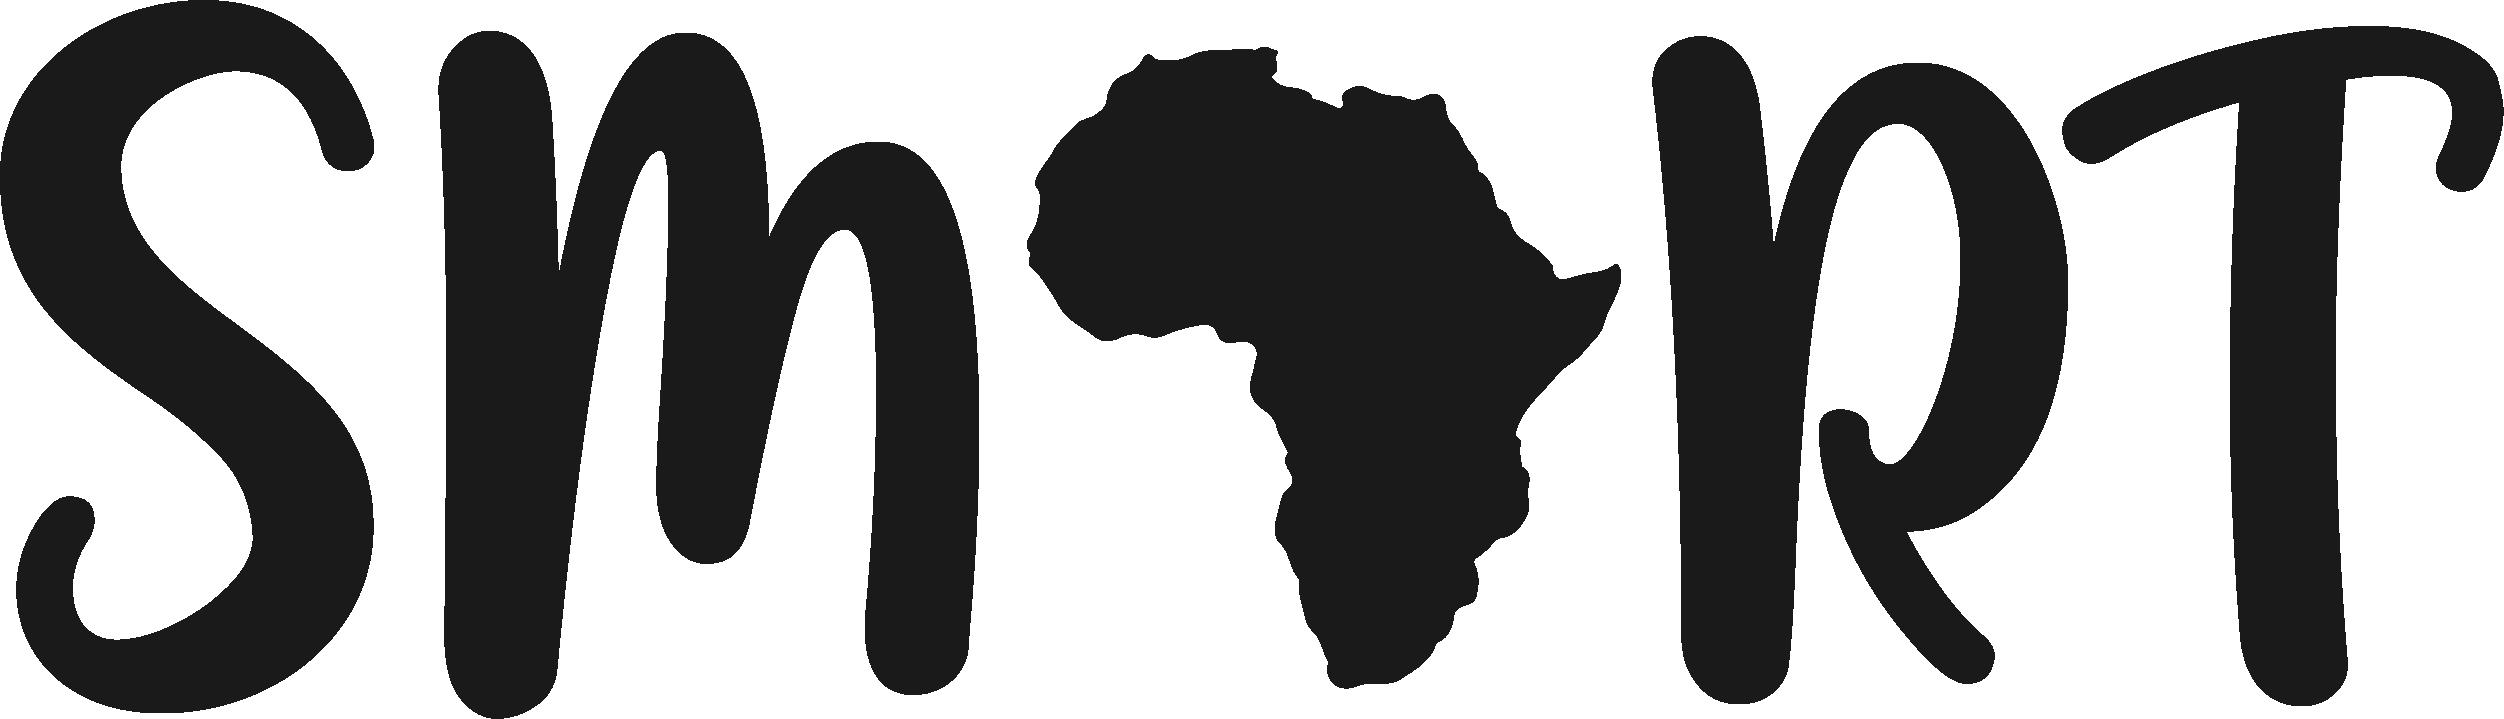 Smart africa svg